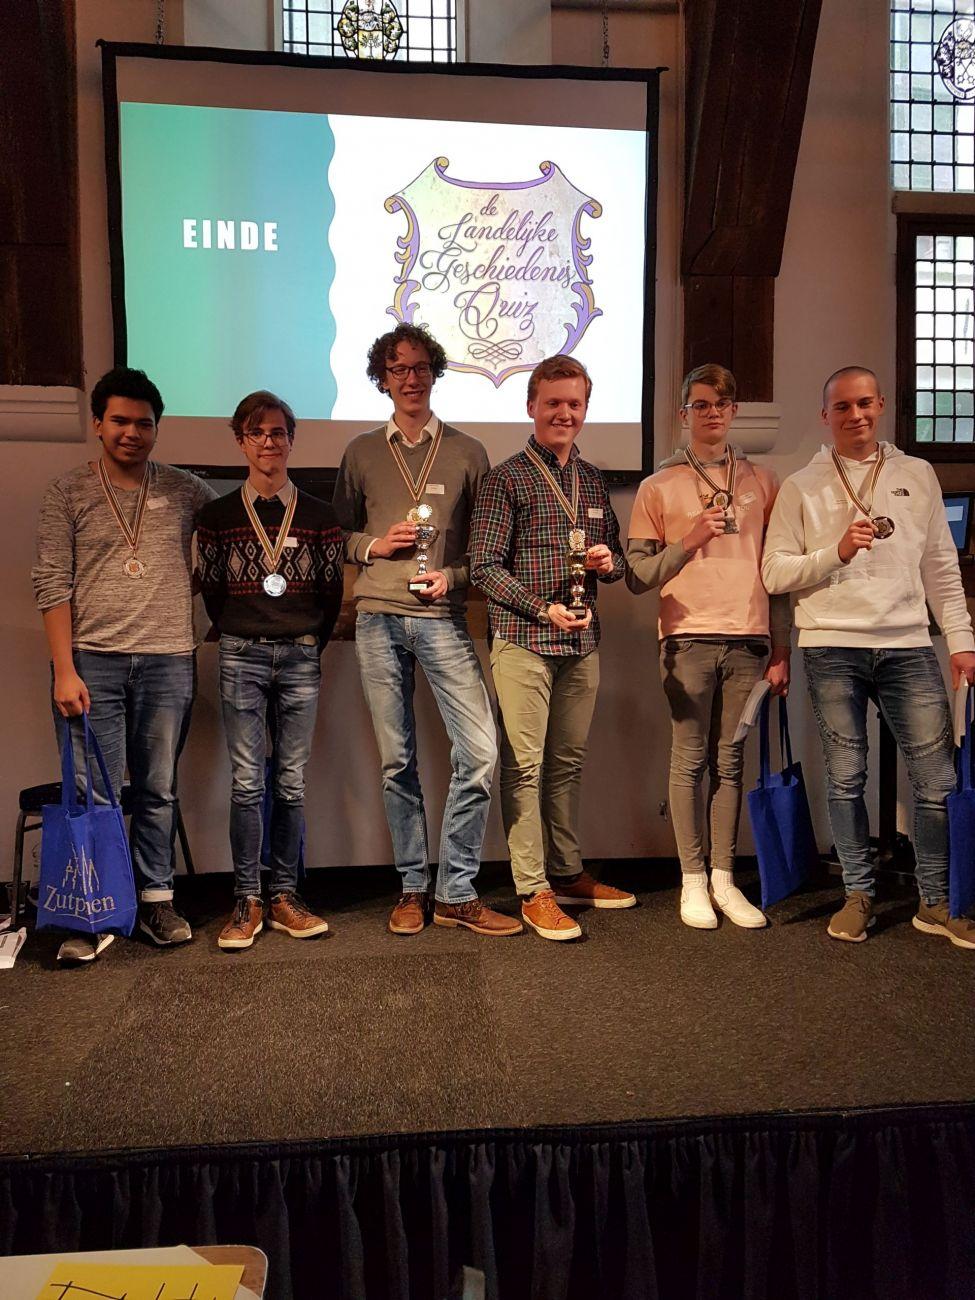 Scholieren uit hele land ontdekken Zutphen